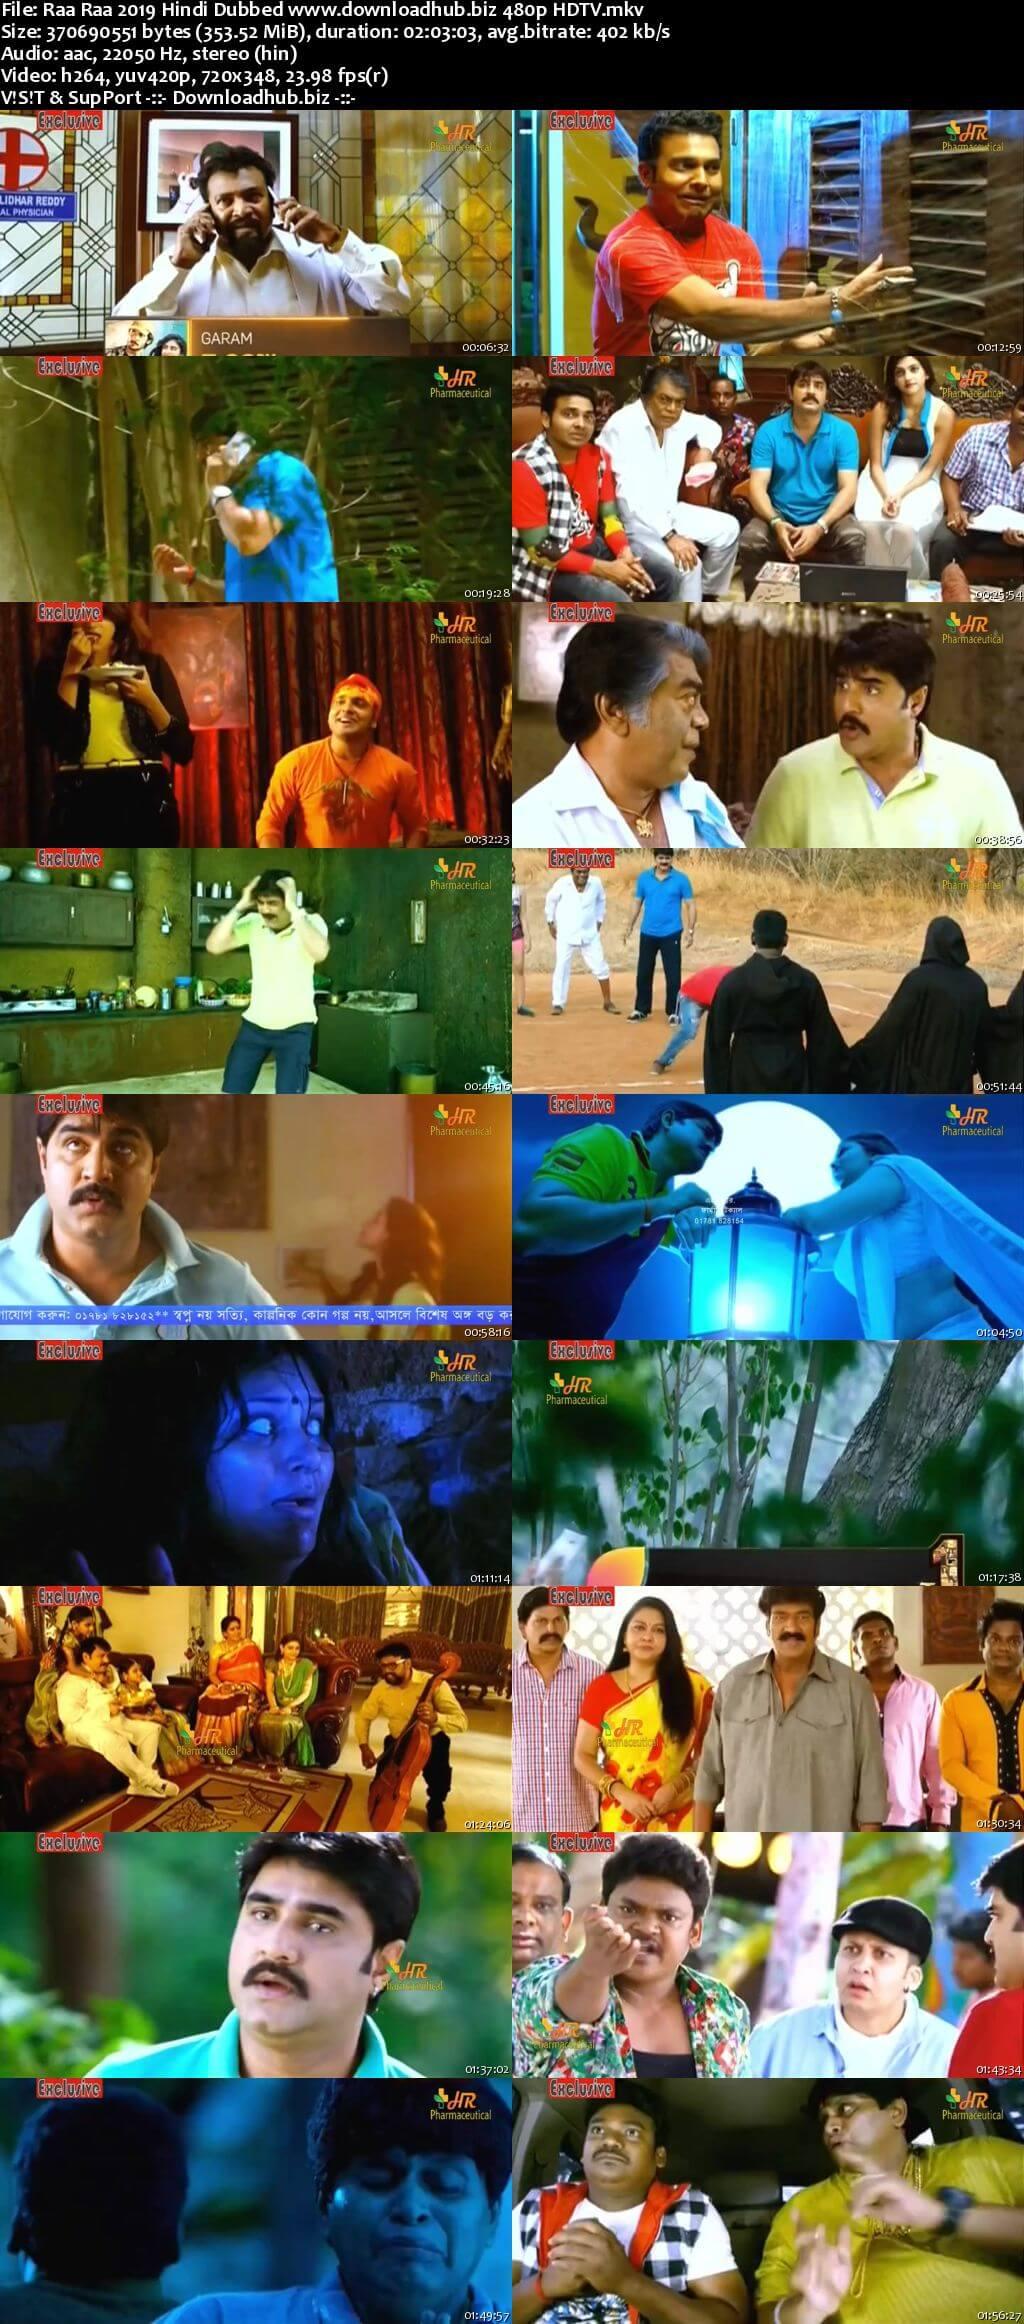 Raa Raa 2019 Hindi Dubbed 350MB HDTV 480p